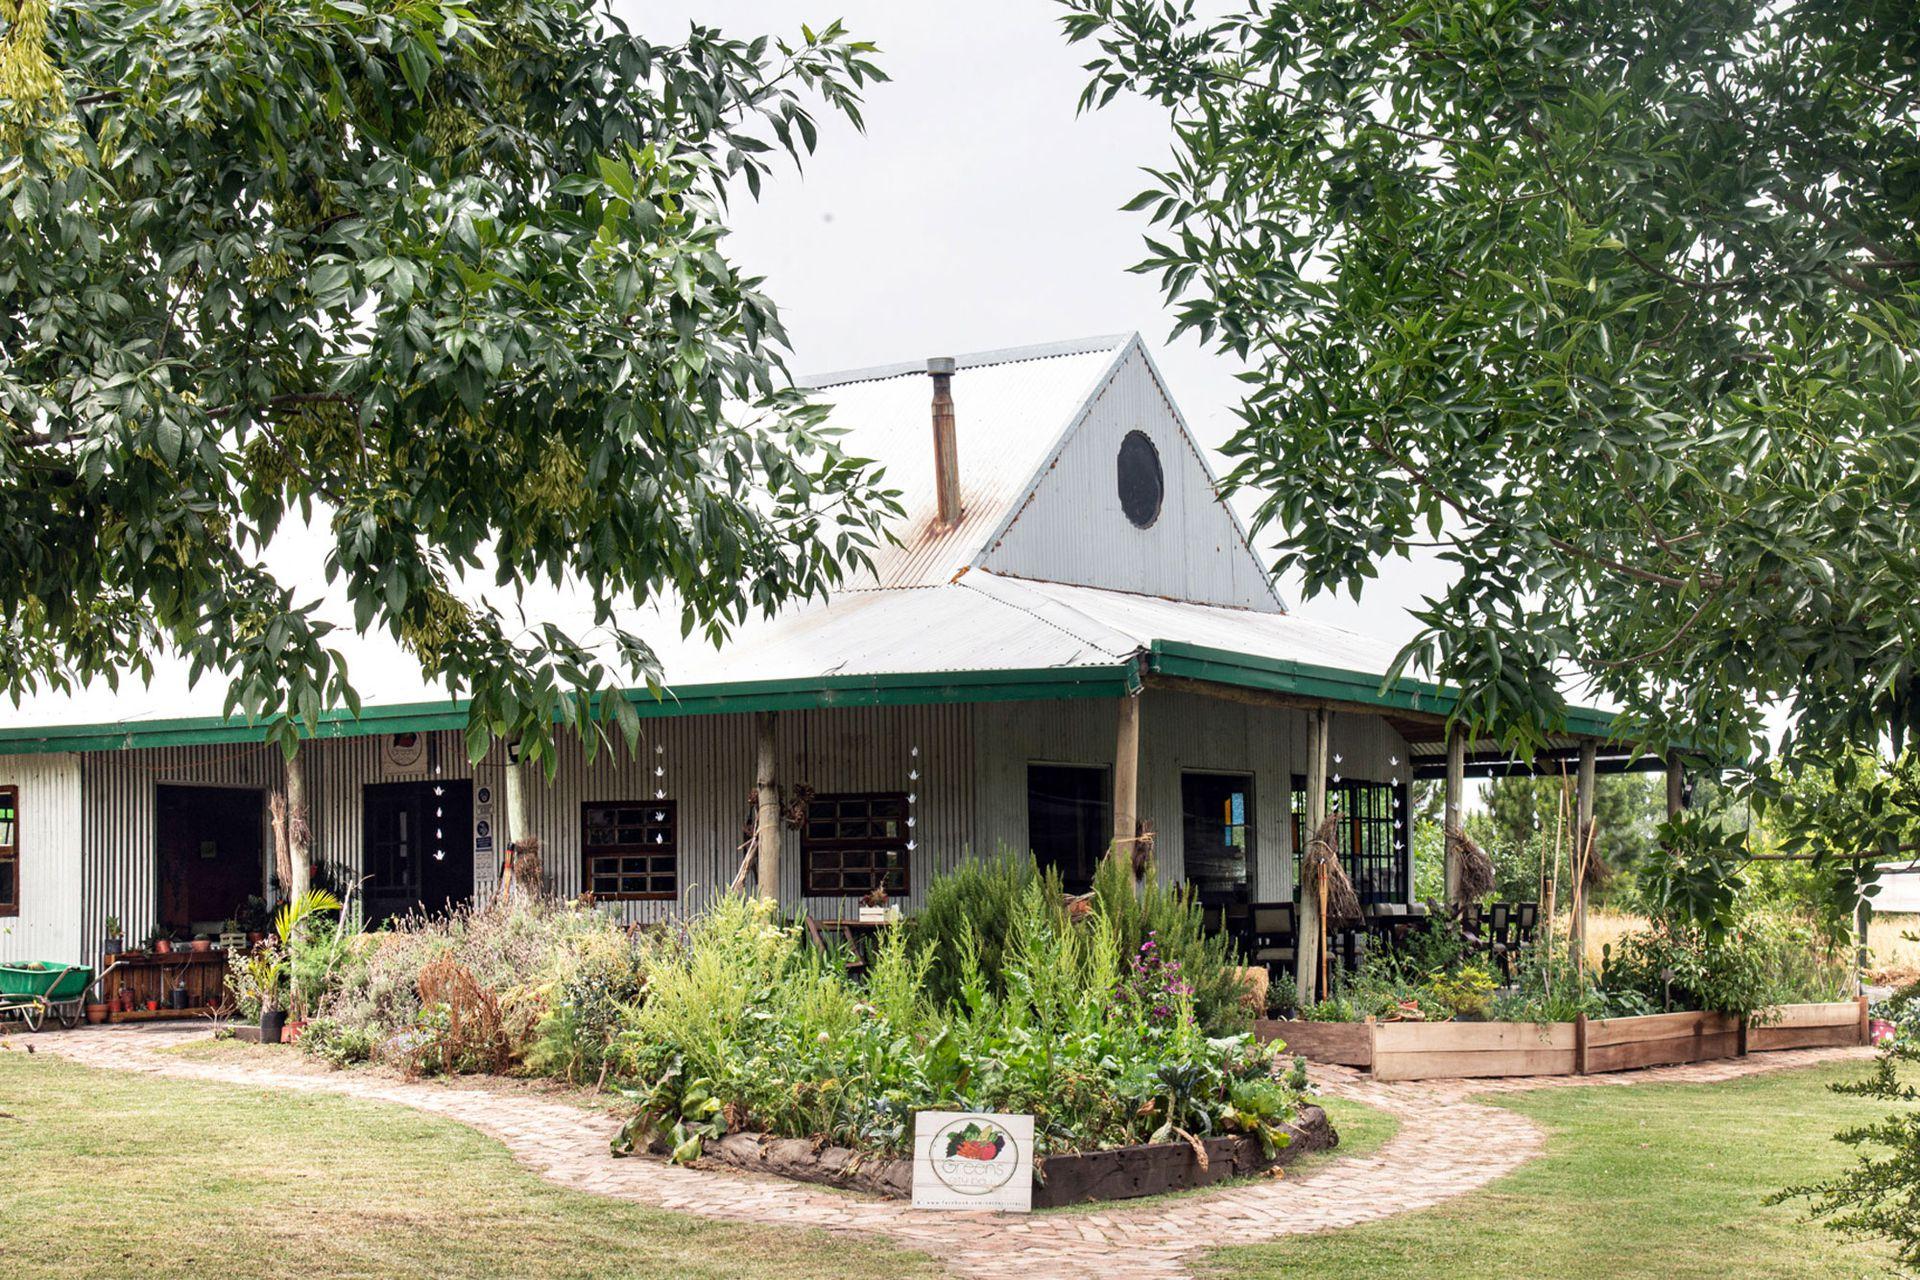 Greens City Bell nació como proyecto a partir de la adquisición de unas parcelas de tierra sobre el arroyo Carnaval, linderas con una institución educativa.